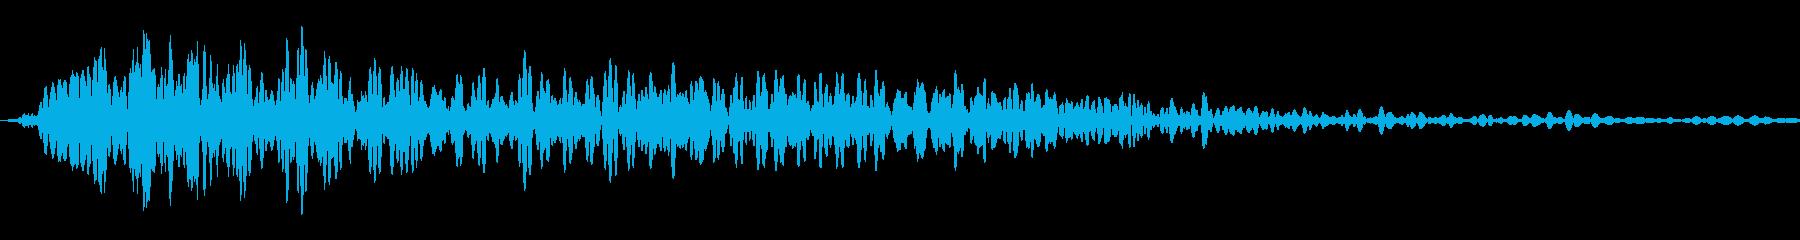 ホラー系のタイトルスタート音等にの再生済みの波形